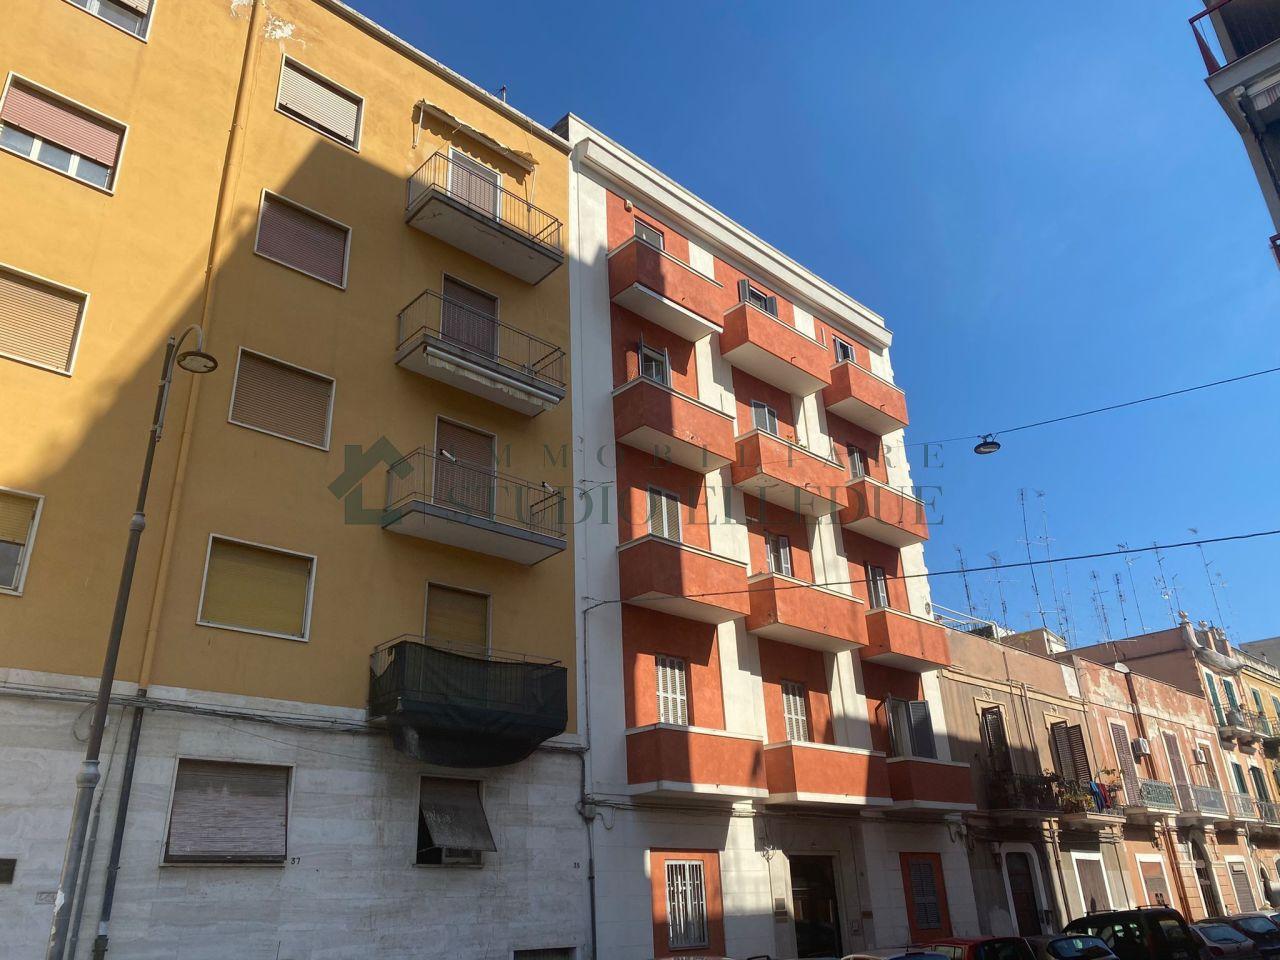 Appartamento in vendita a Bari (BA)